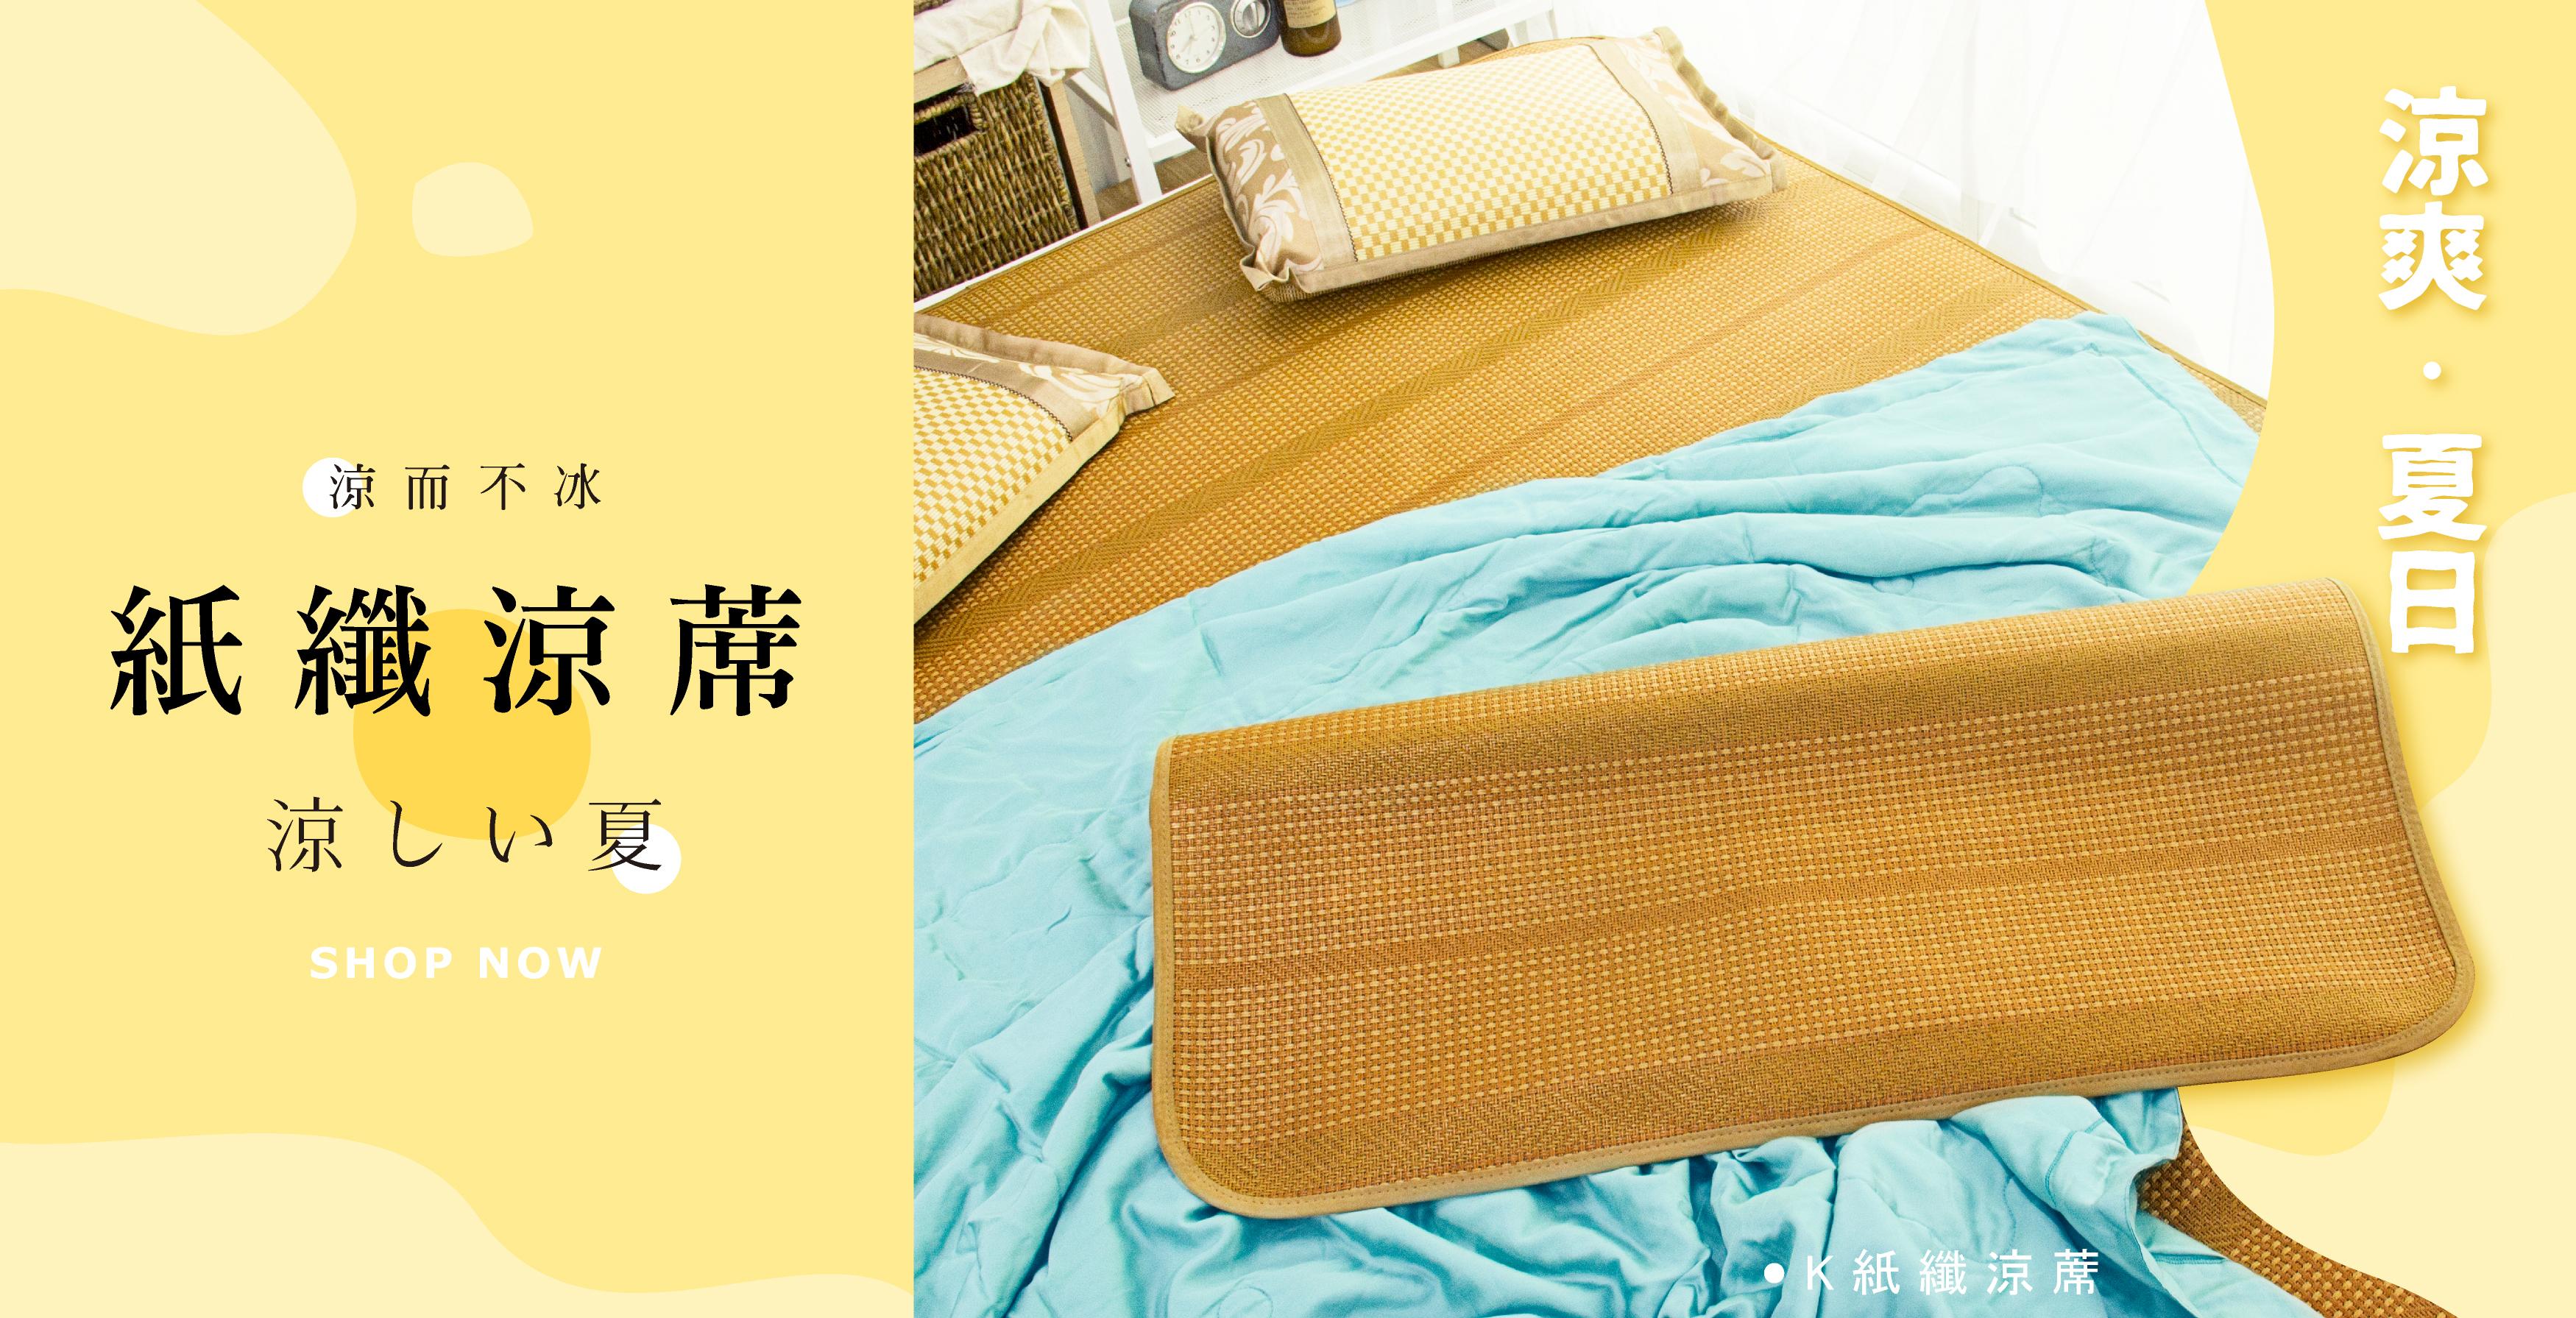 天恩寢具,夏天涼席~讓你清涼一夏。